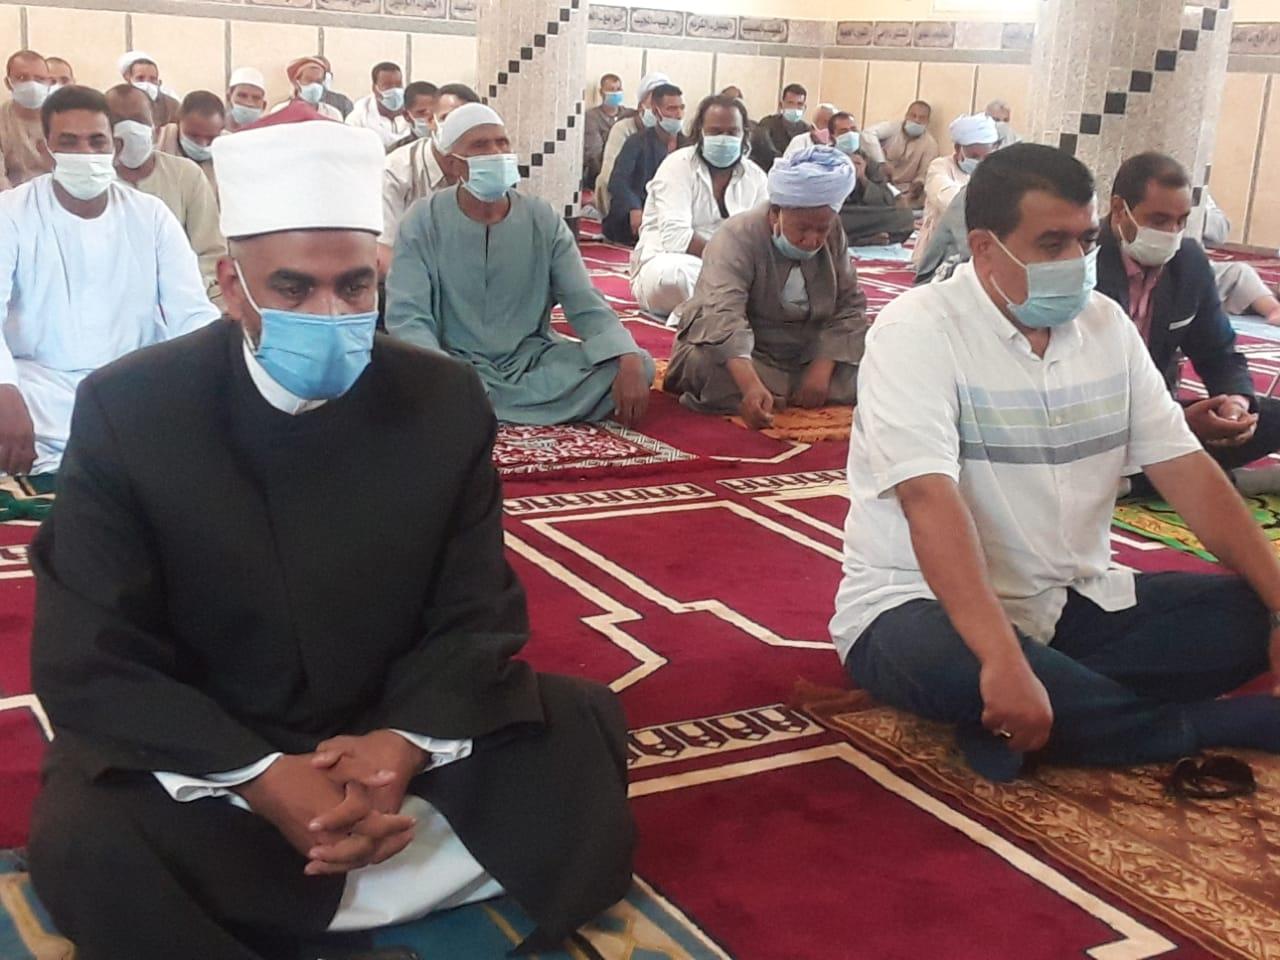 افتتاح 3 مساجد جديدة بمحافظة أسوان (2)